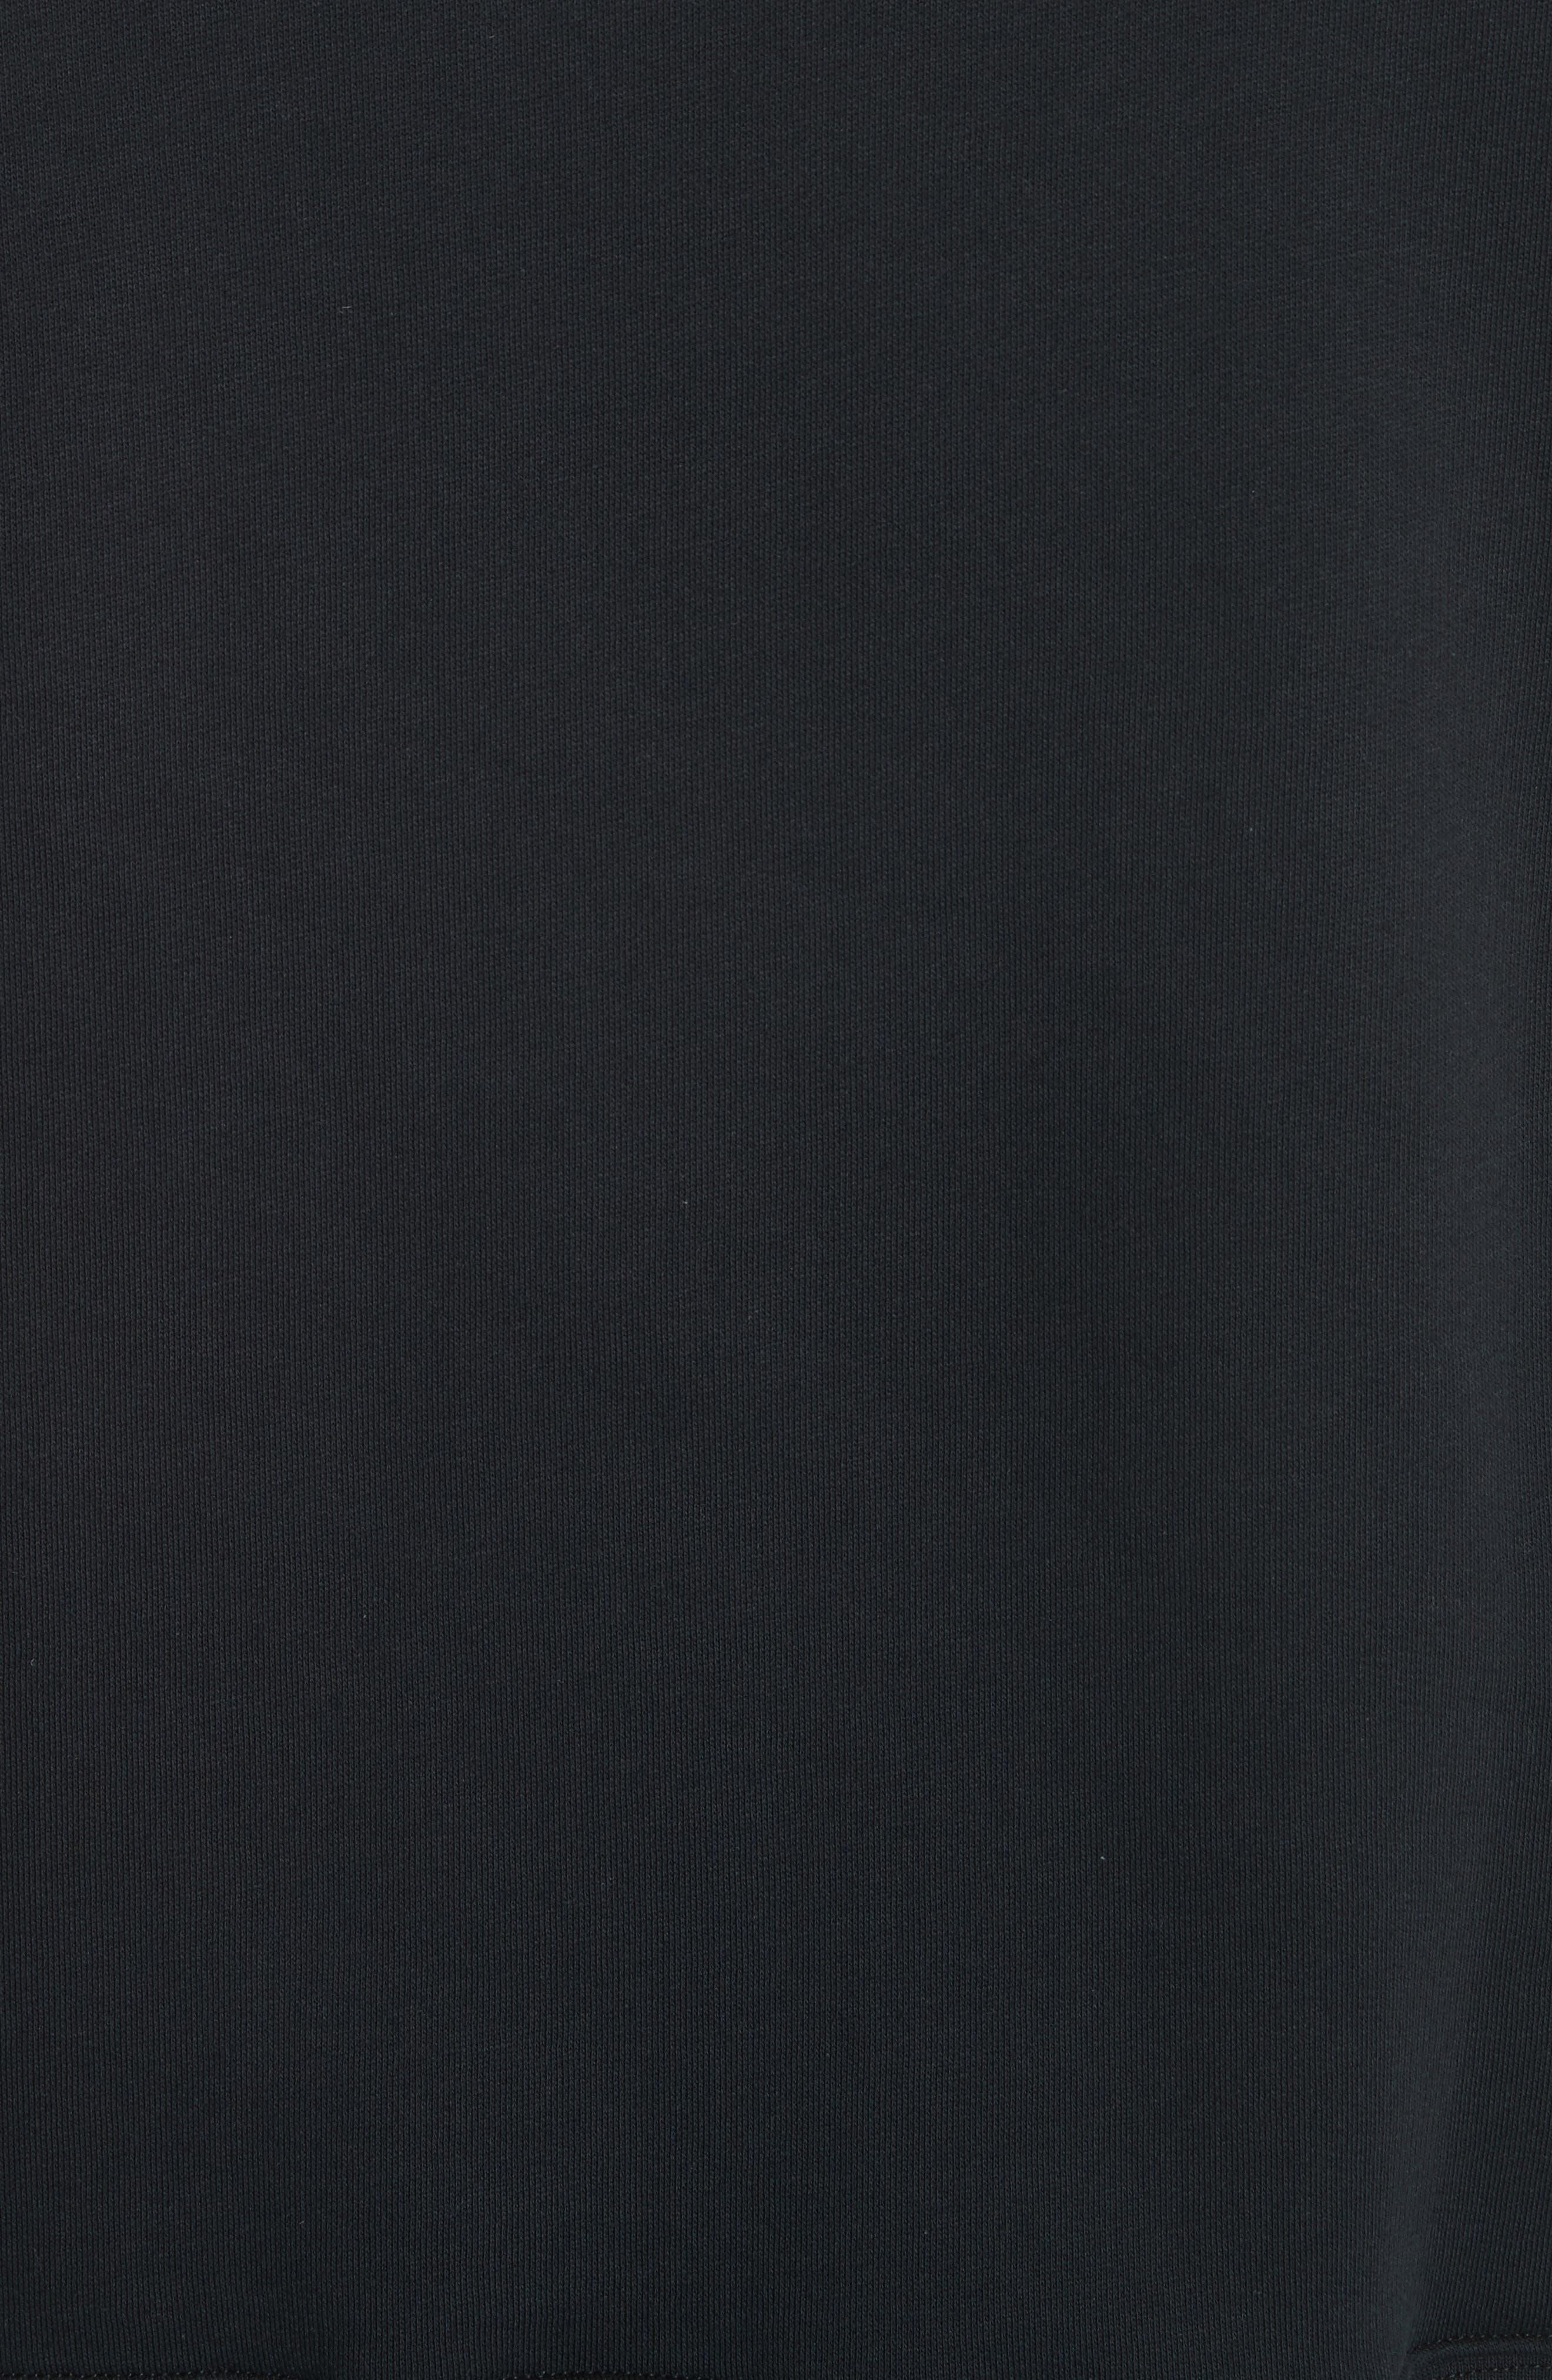 Fairview Face Crewneck Sweatshirt,                             Alternate thumbnail 5, color,                             Black